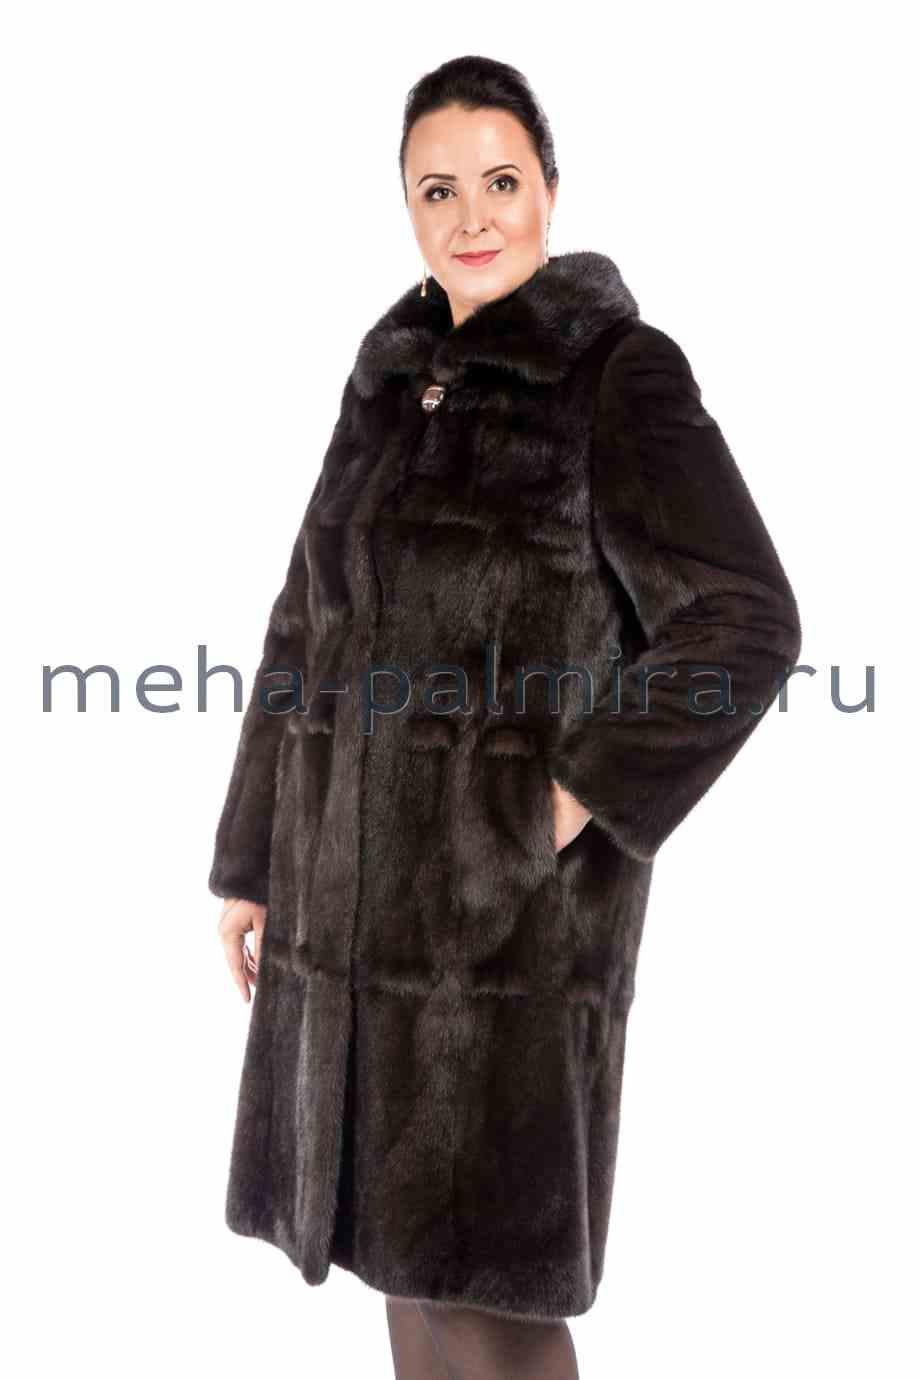 Норковая шуба с воротником - апаш, длина 110 см.